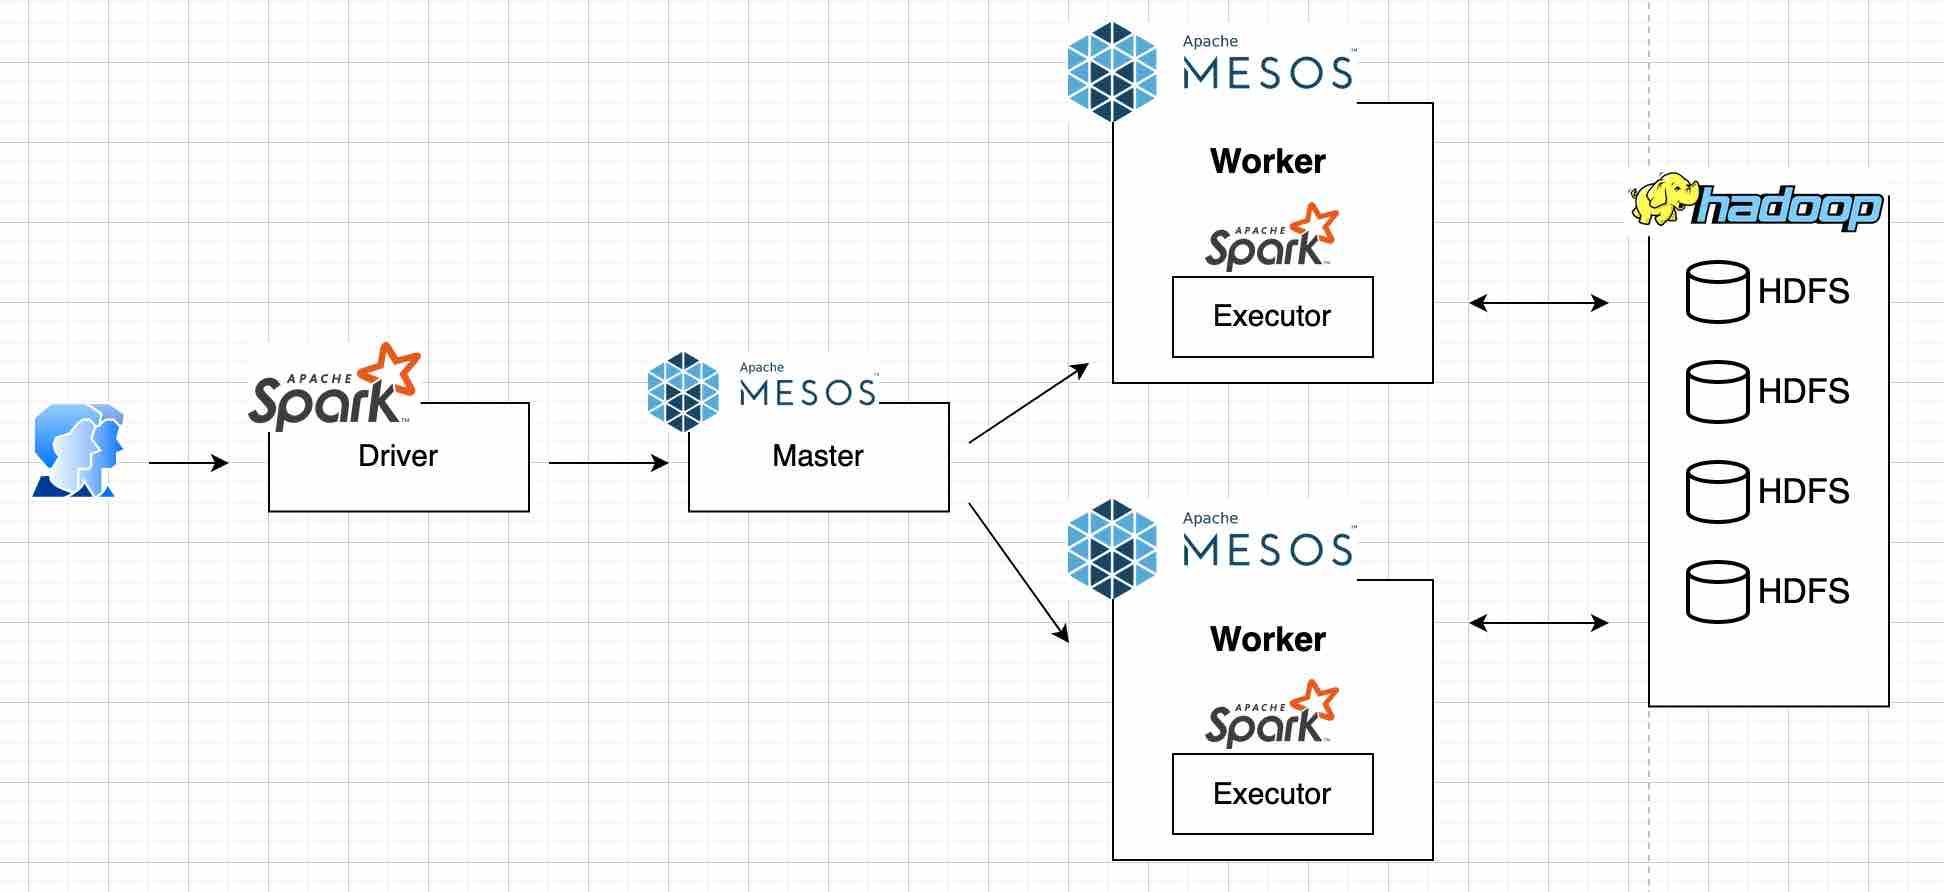 spark-workflow